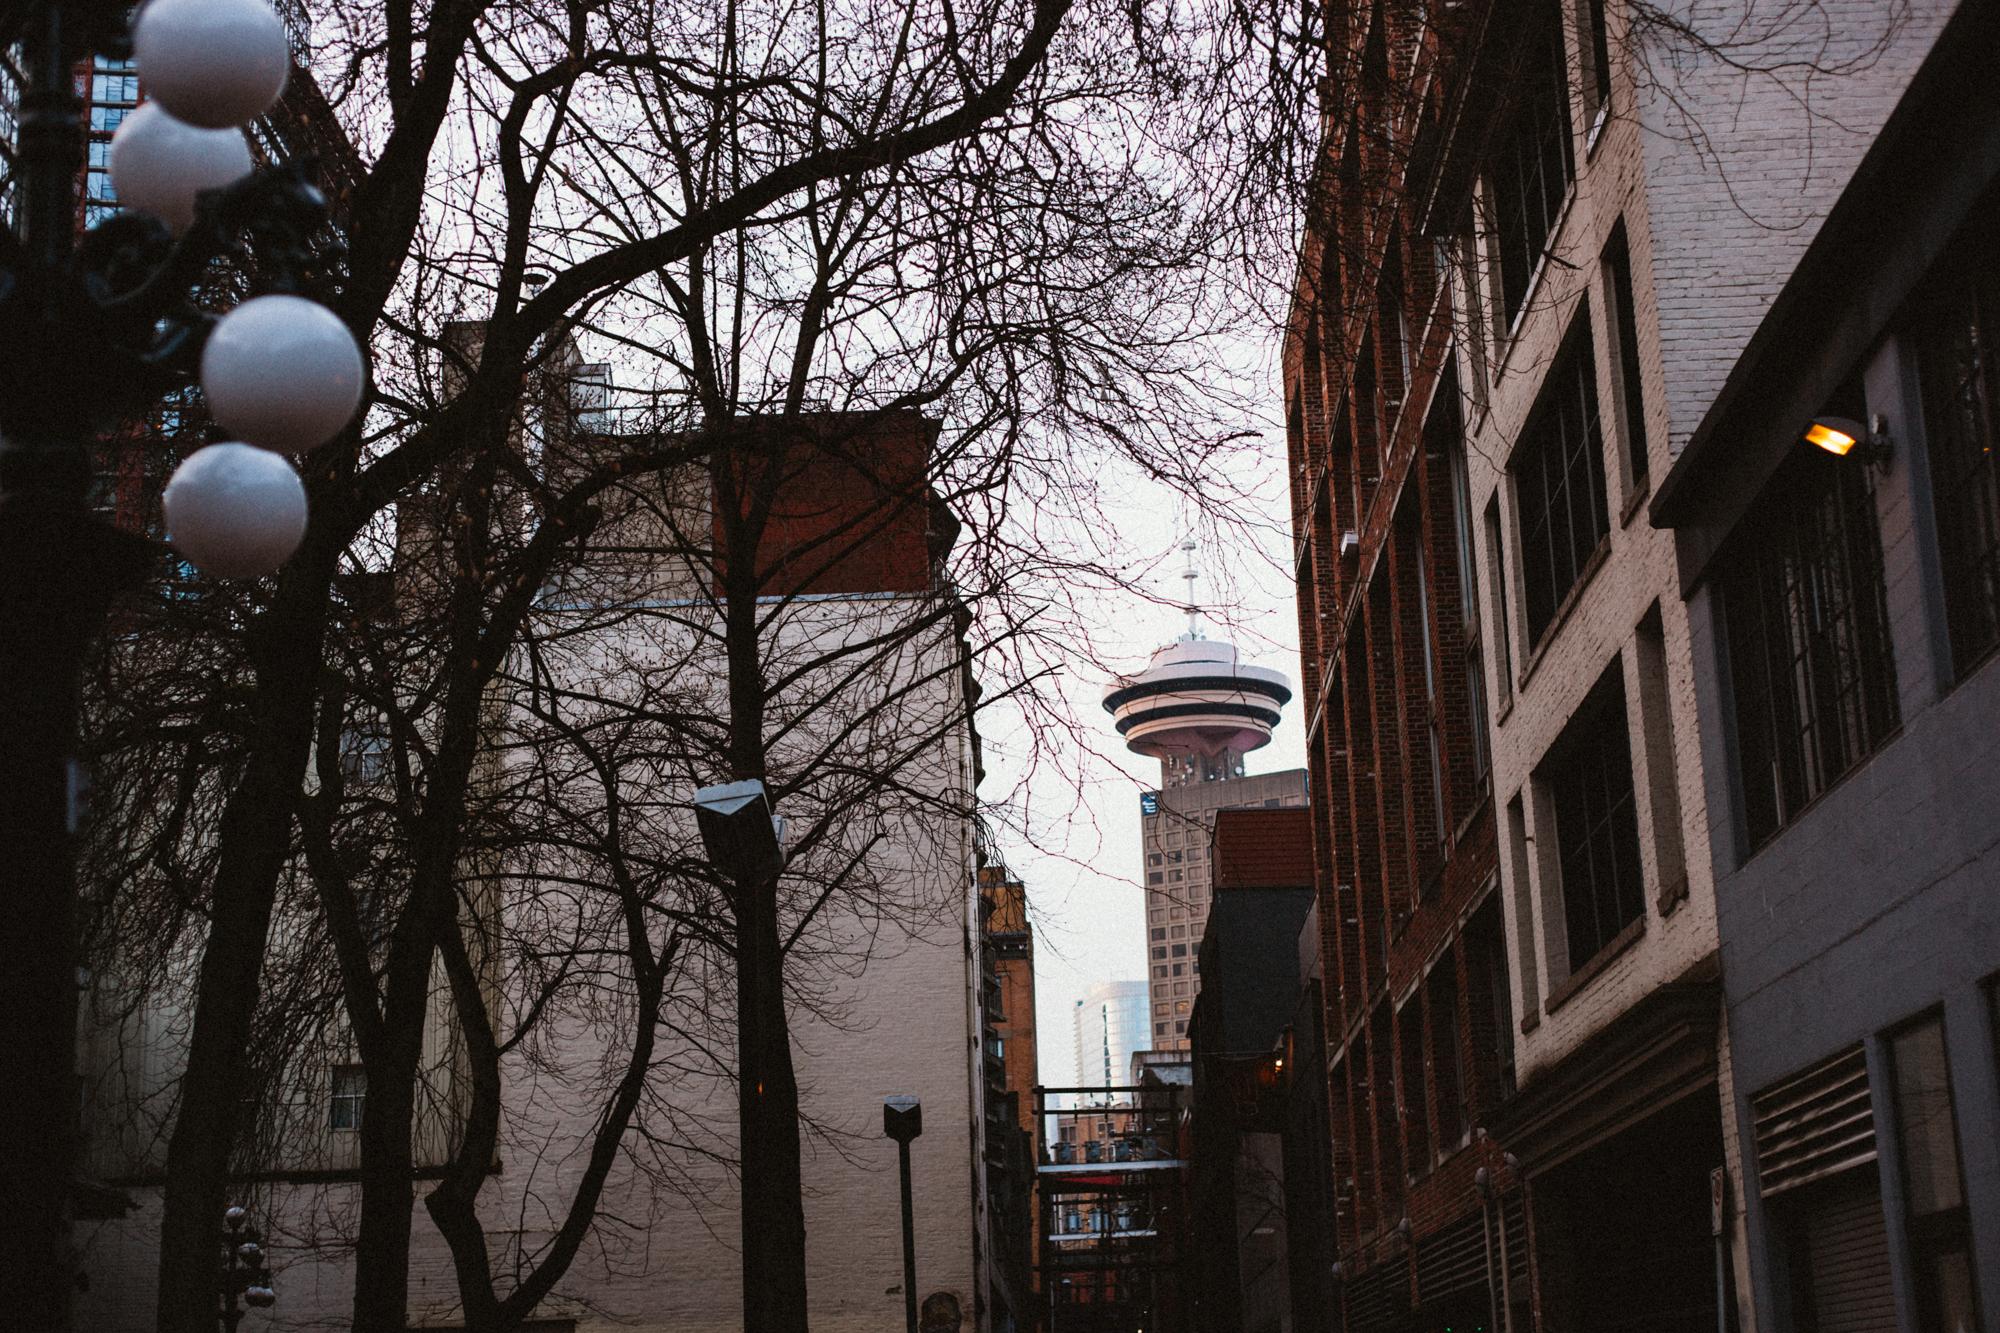 HaleyMcLain-VancouverTripJanuary2017-40.jpg